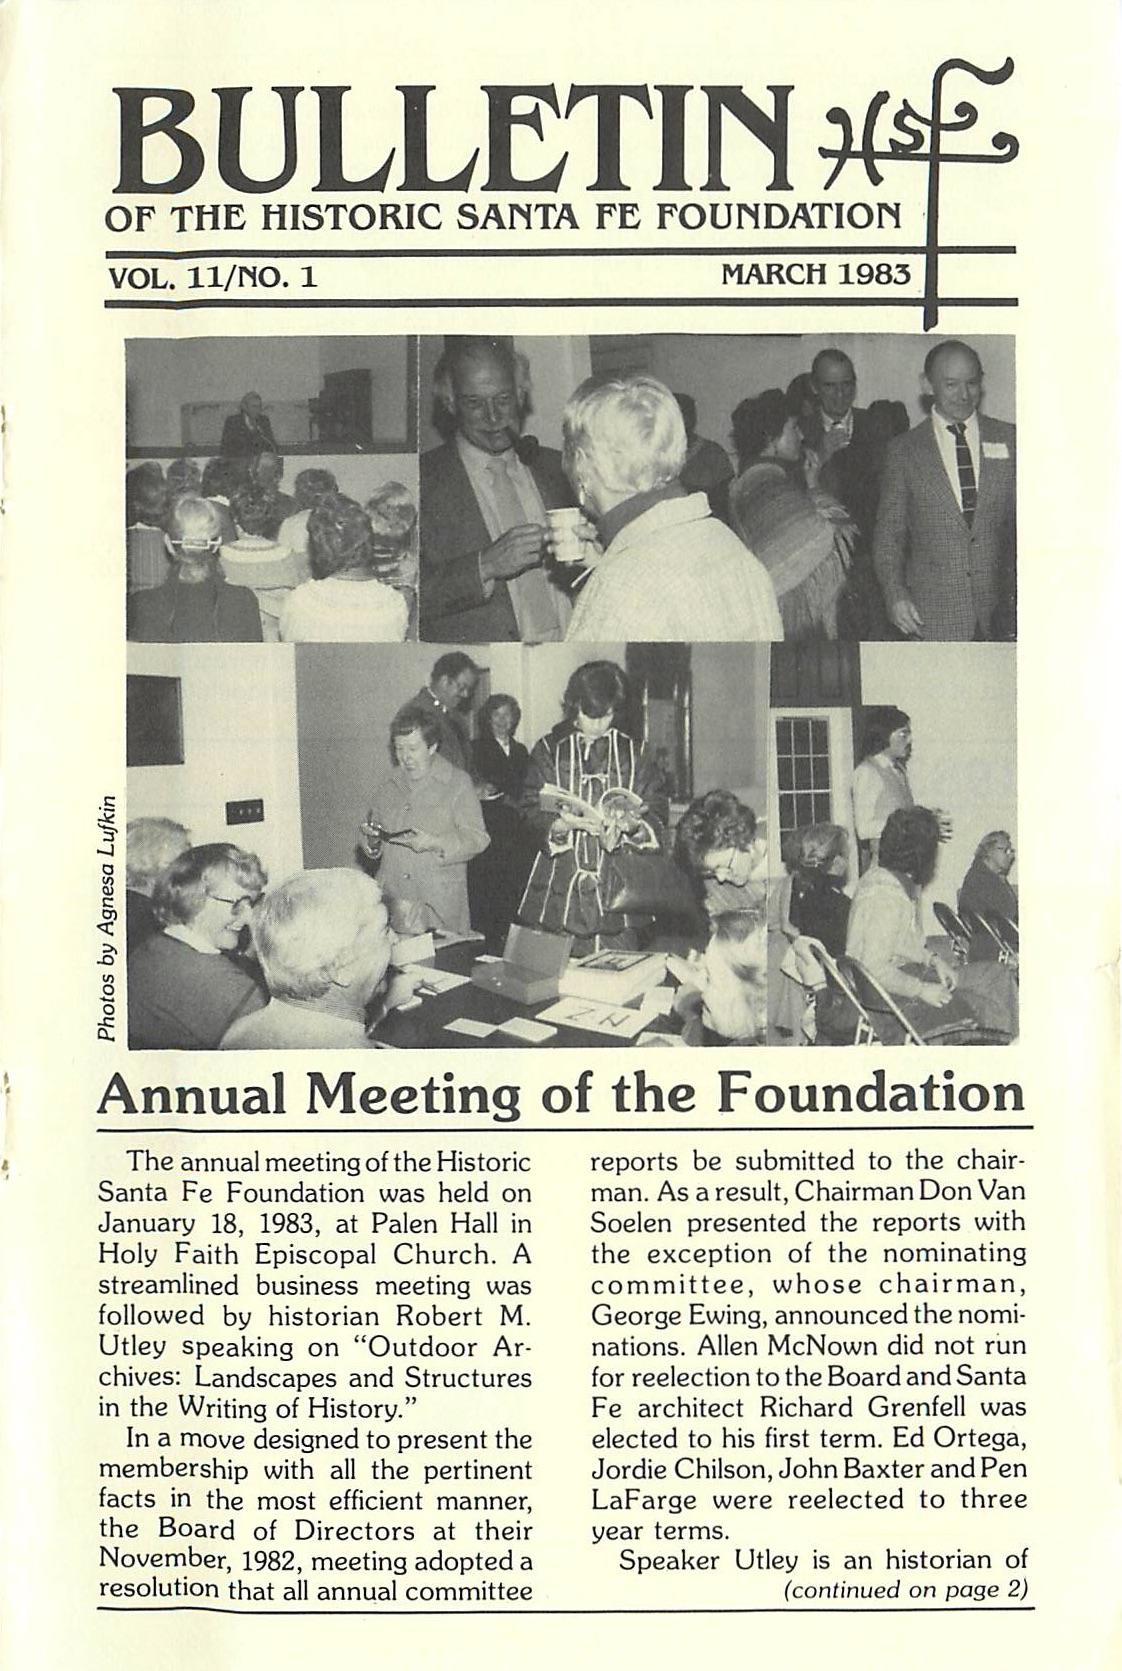 1983 HSFF Bulletin Vol.11 No.1 Cover